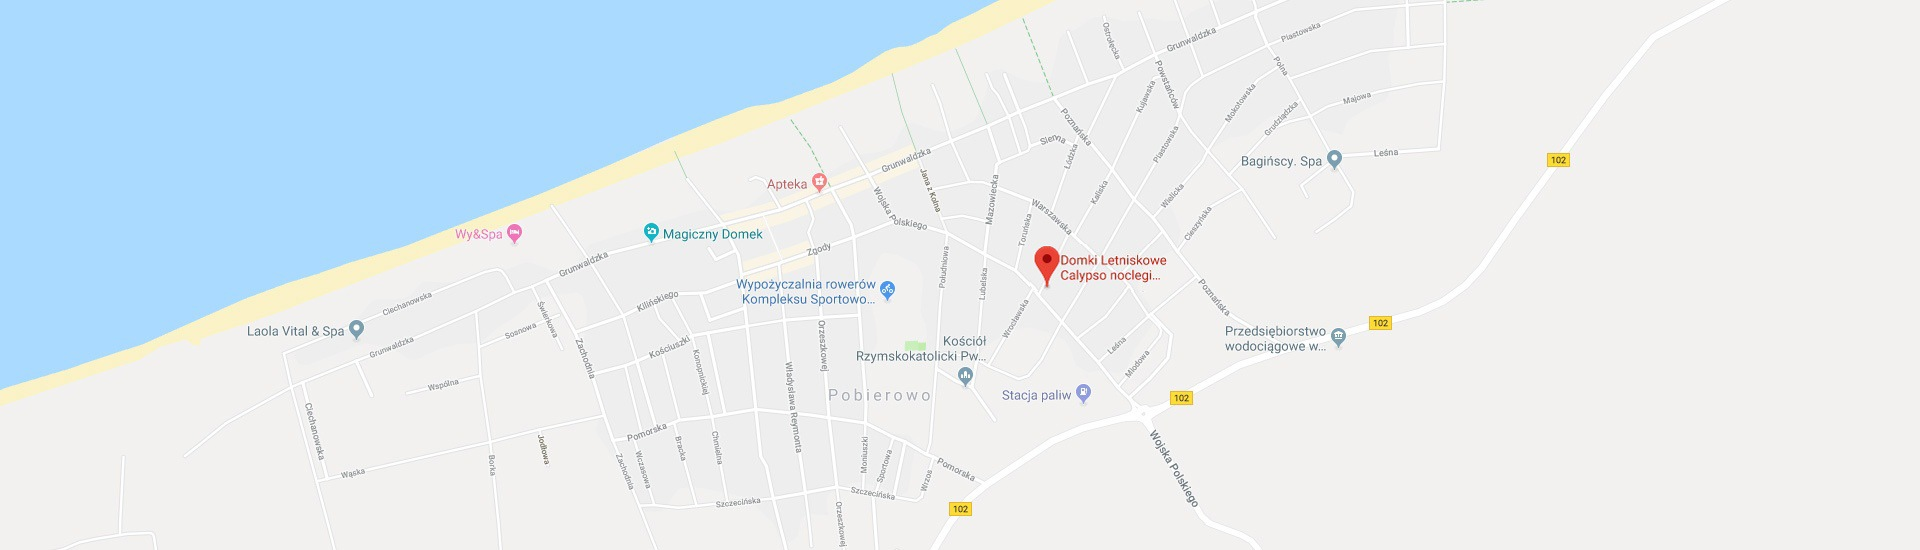 Calypso – lokalizacja naszych domków letniskowych w Pobierowie